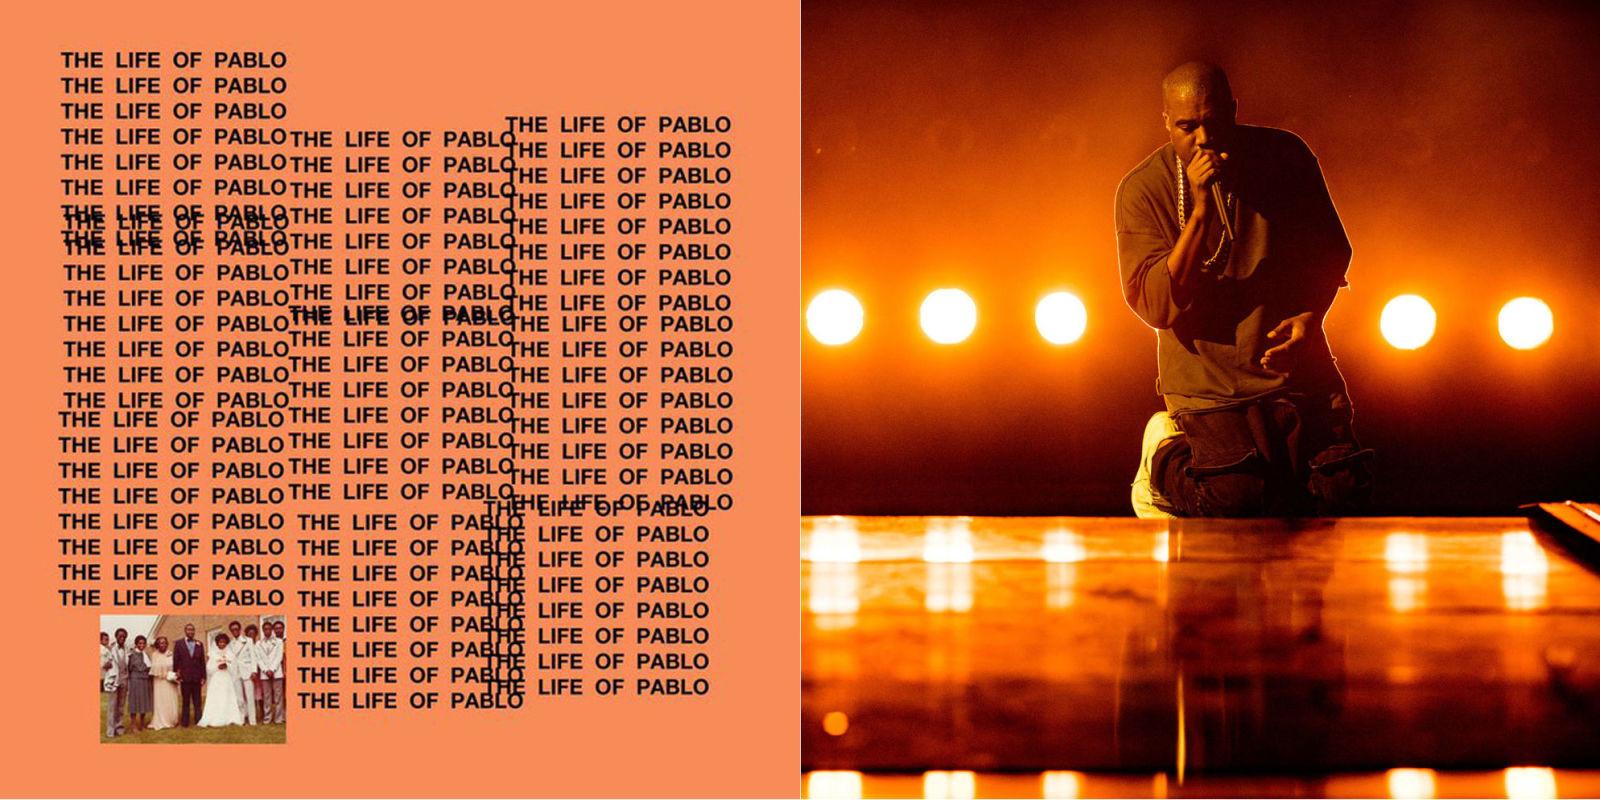 kanye the life of pablo lyrics  u2013 best lyrics from kanye u2019s